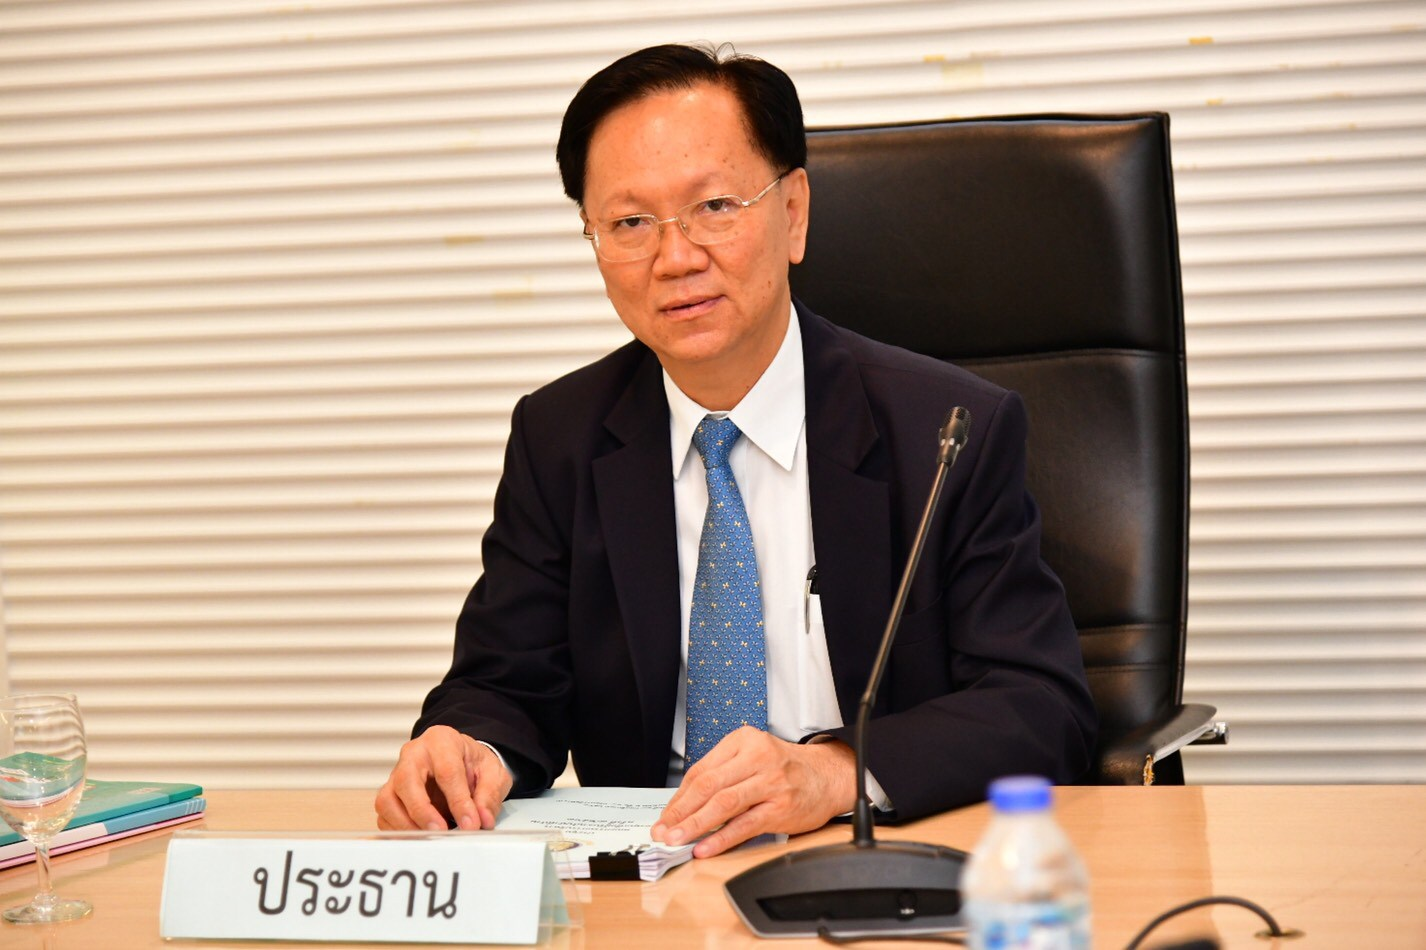 กรมการจัดหางาน ประชุมคณะกรรมการบริหารกองทุนเพื่อผู้รับงานไปทำที่บ้าน ครั้งที่ 8/2563